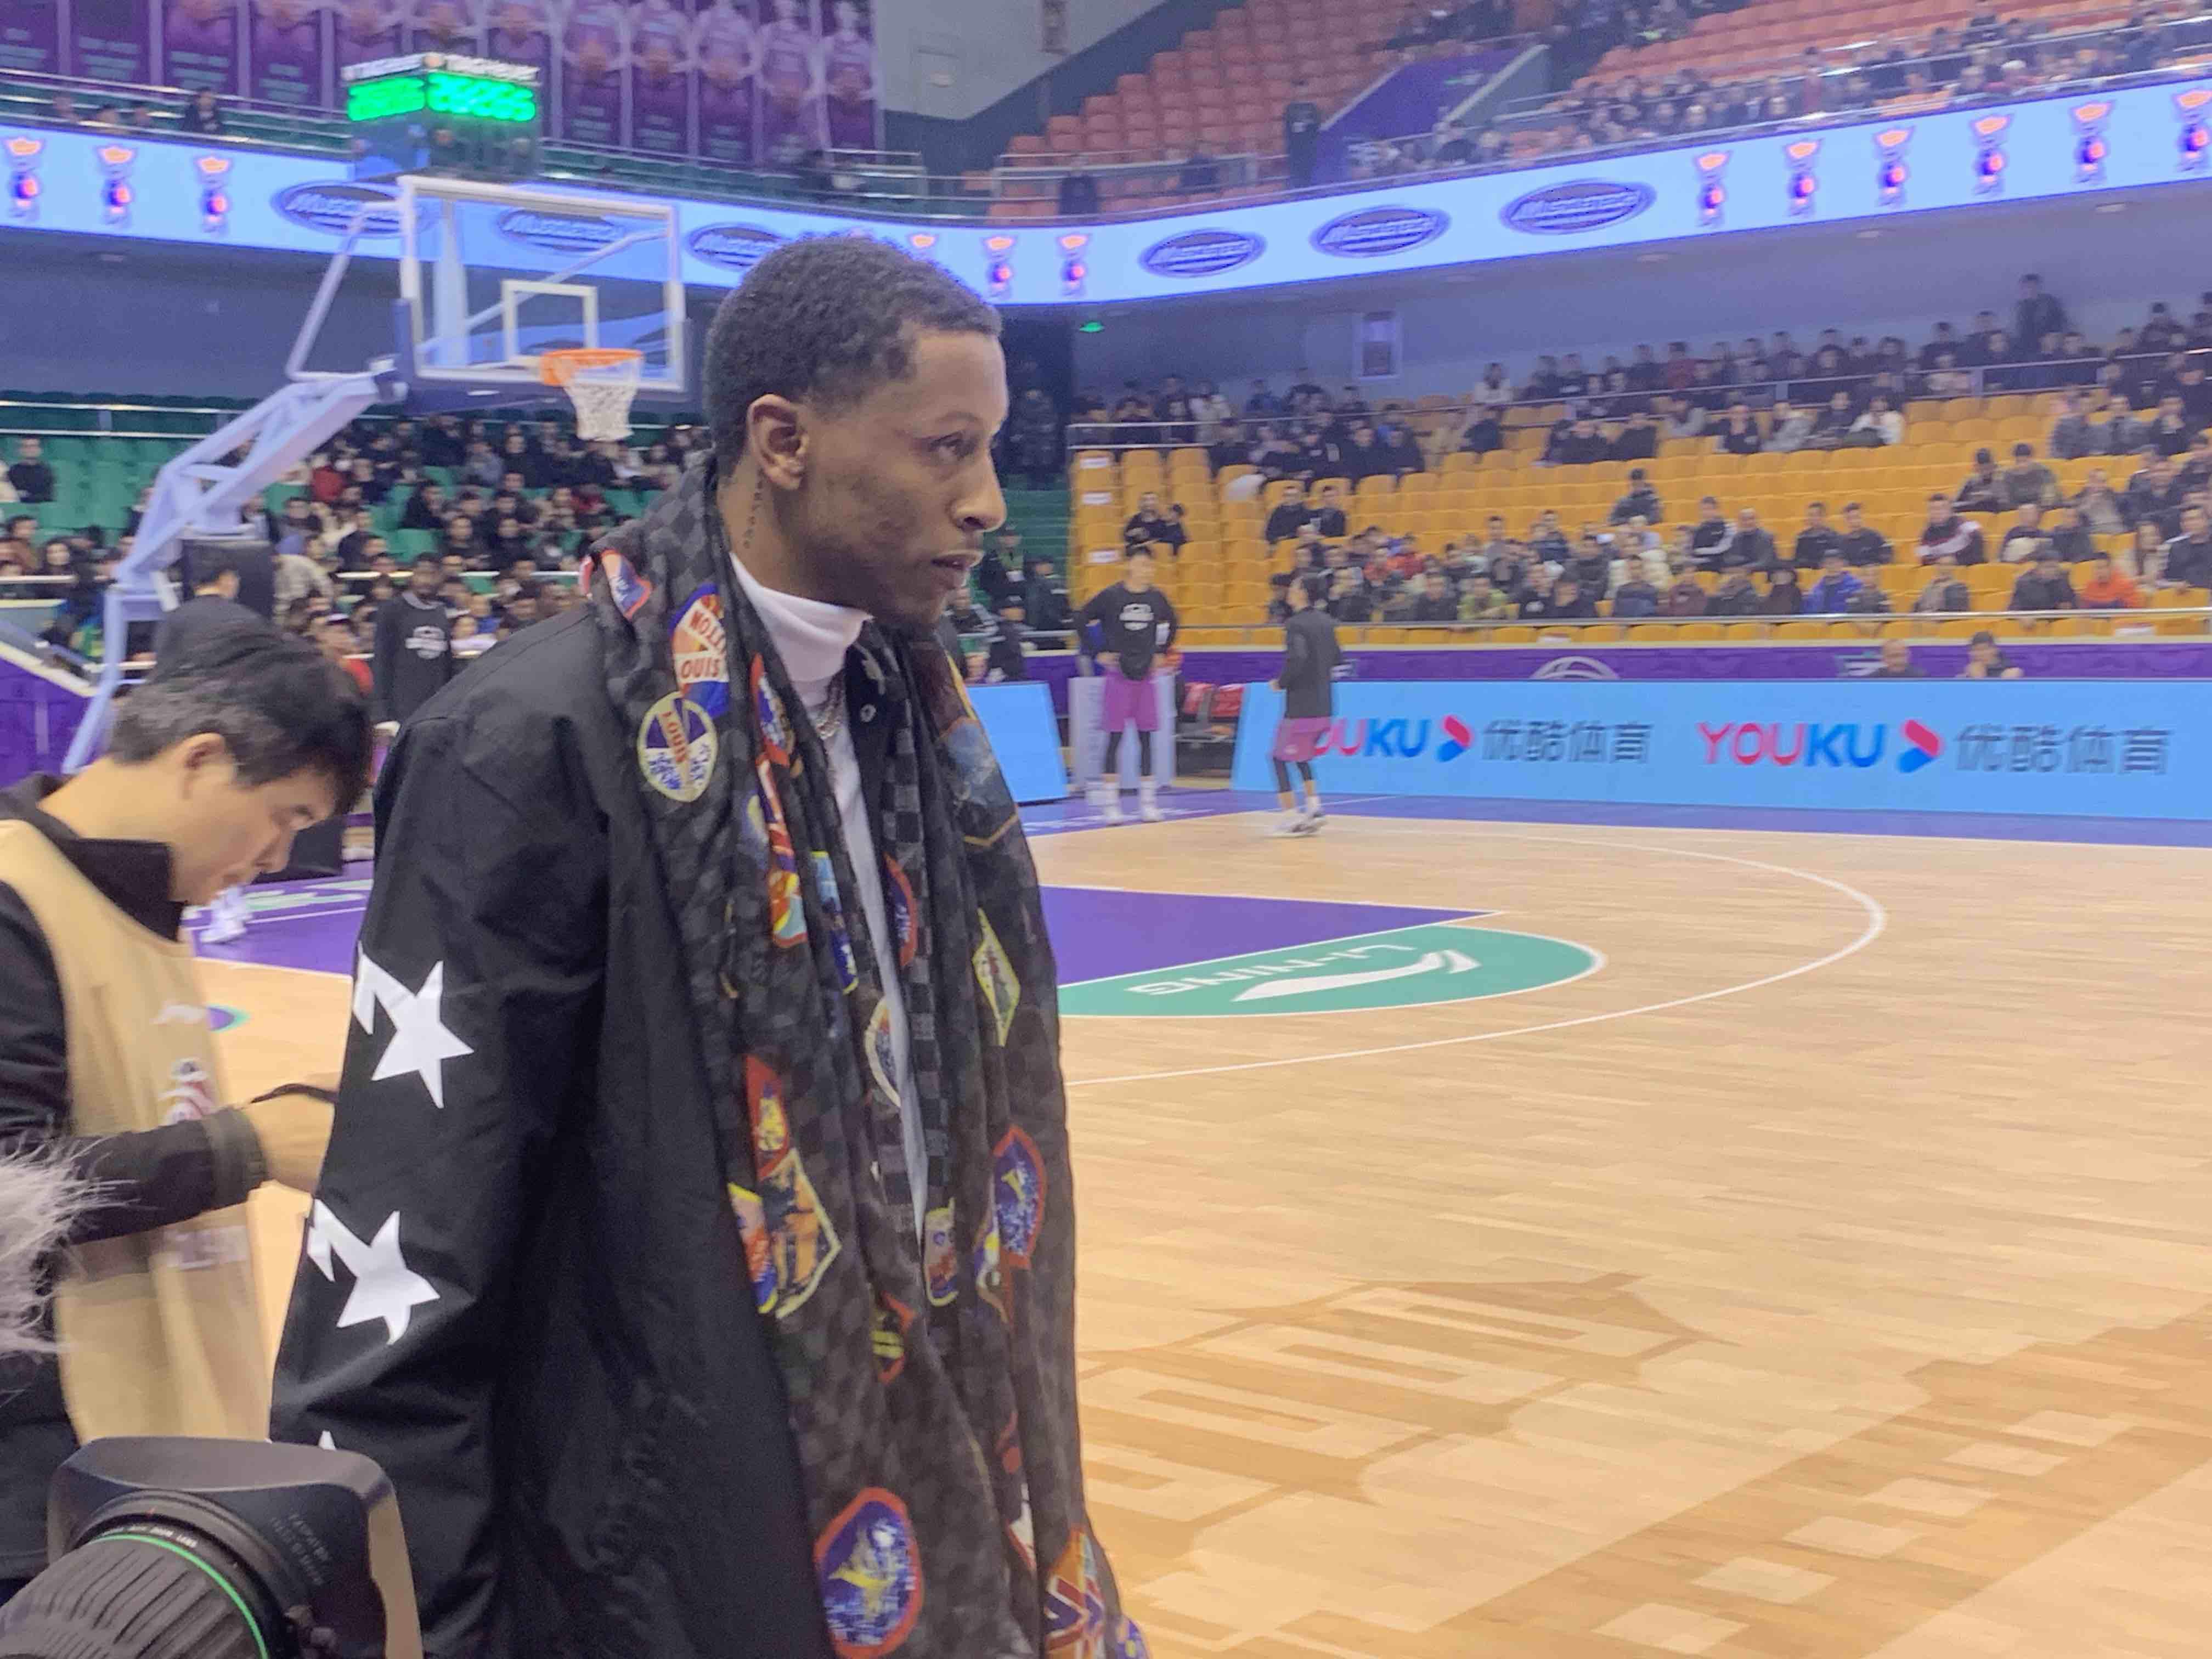 西王男篮主场对阵上海 新外援威廉姆斯现场观战